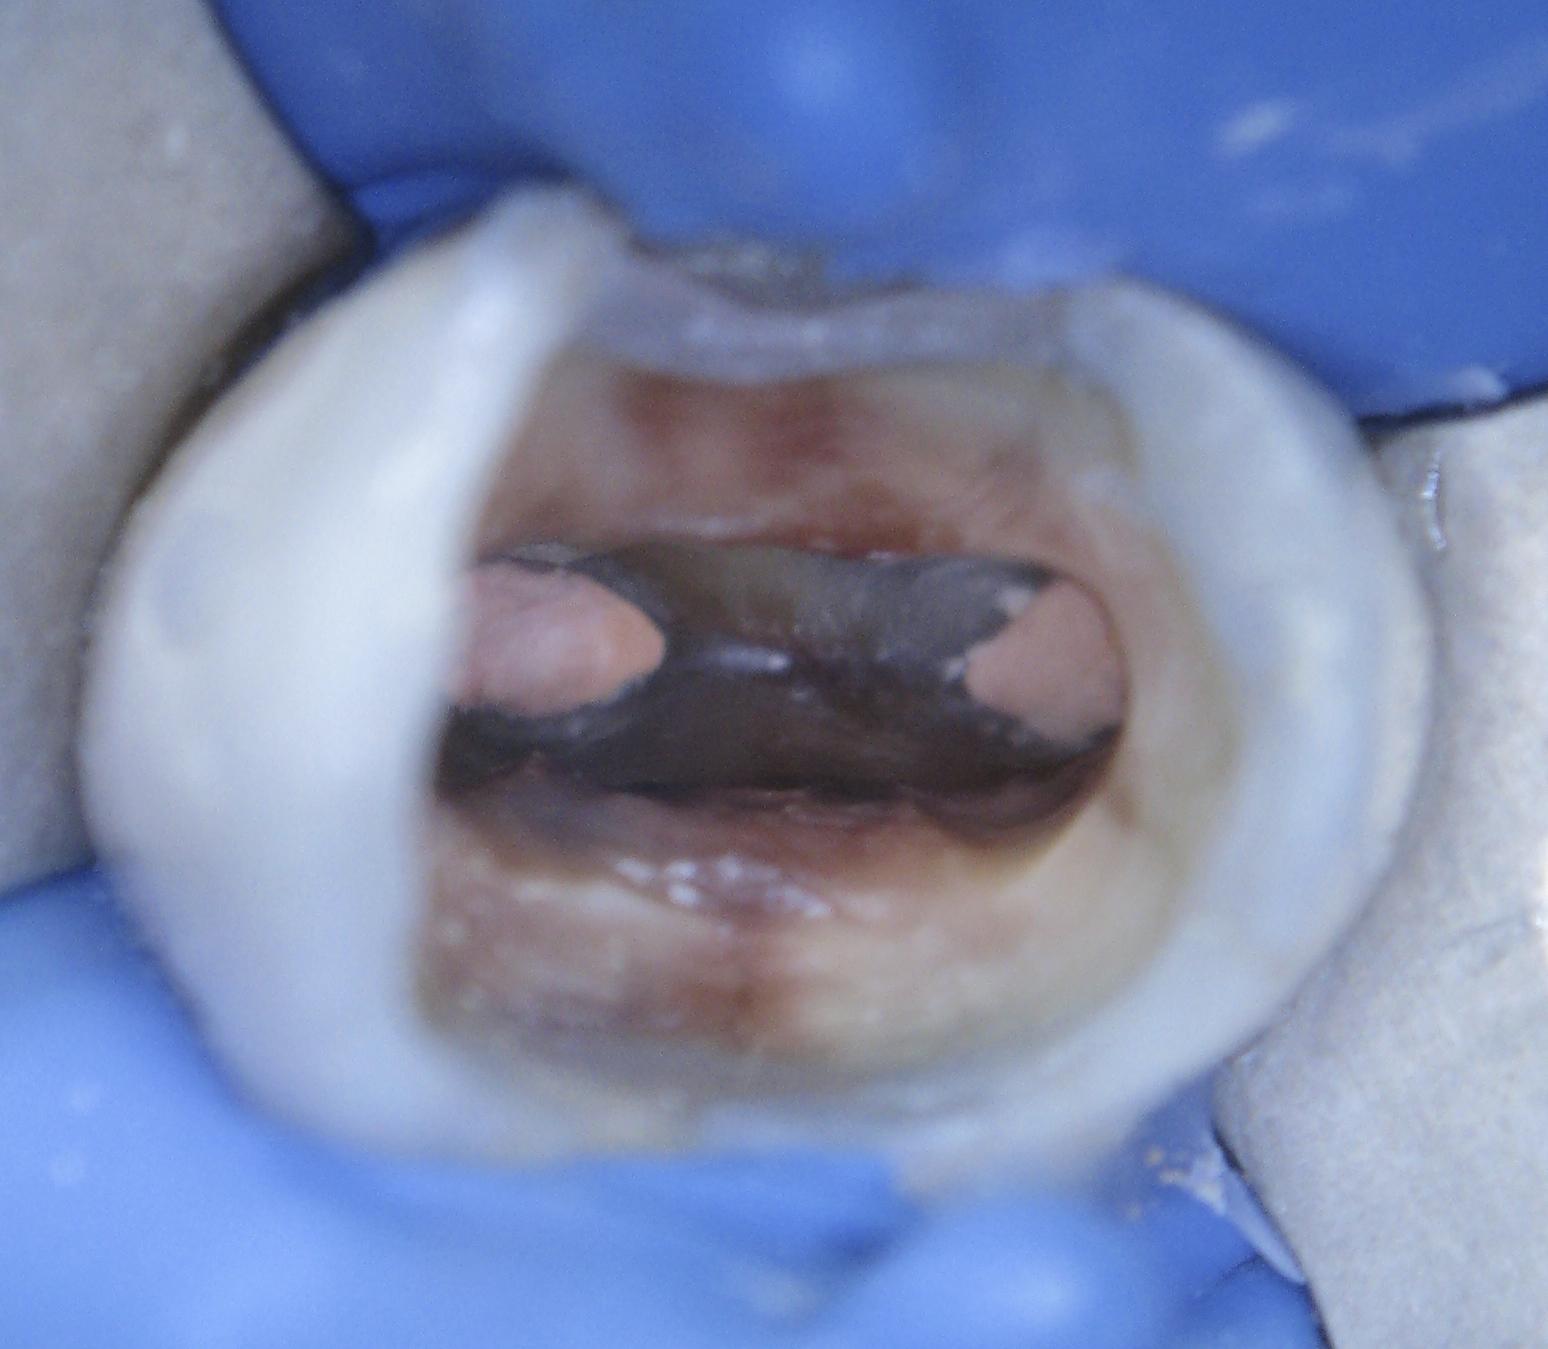 После проведённого внутриканального отбеливания пигментация  практически отсутствует.